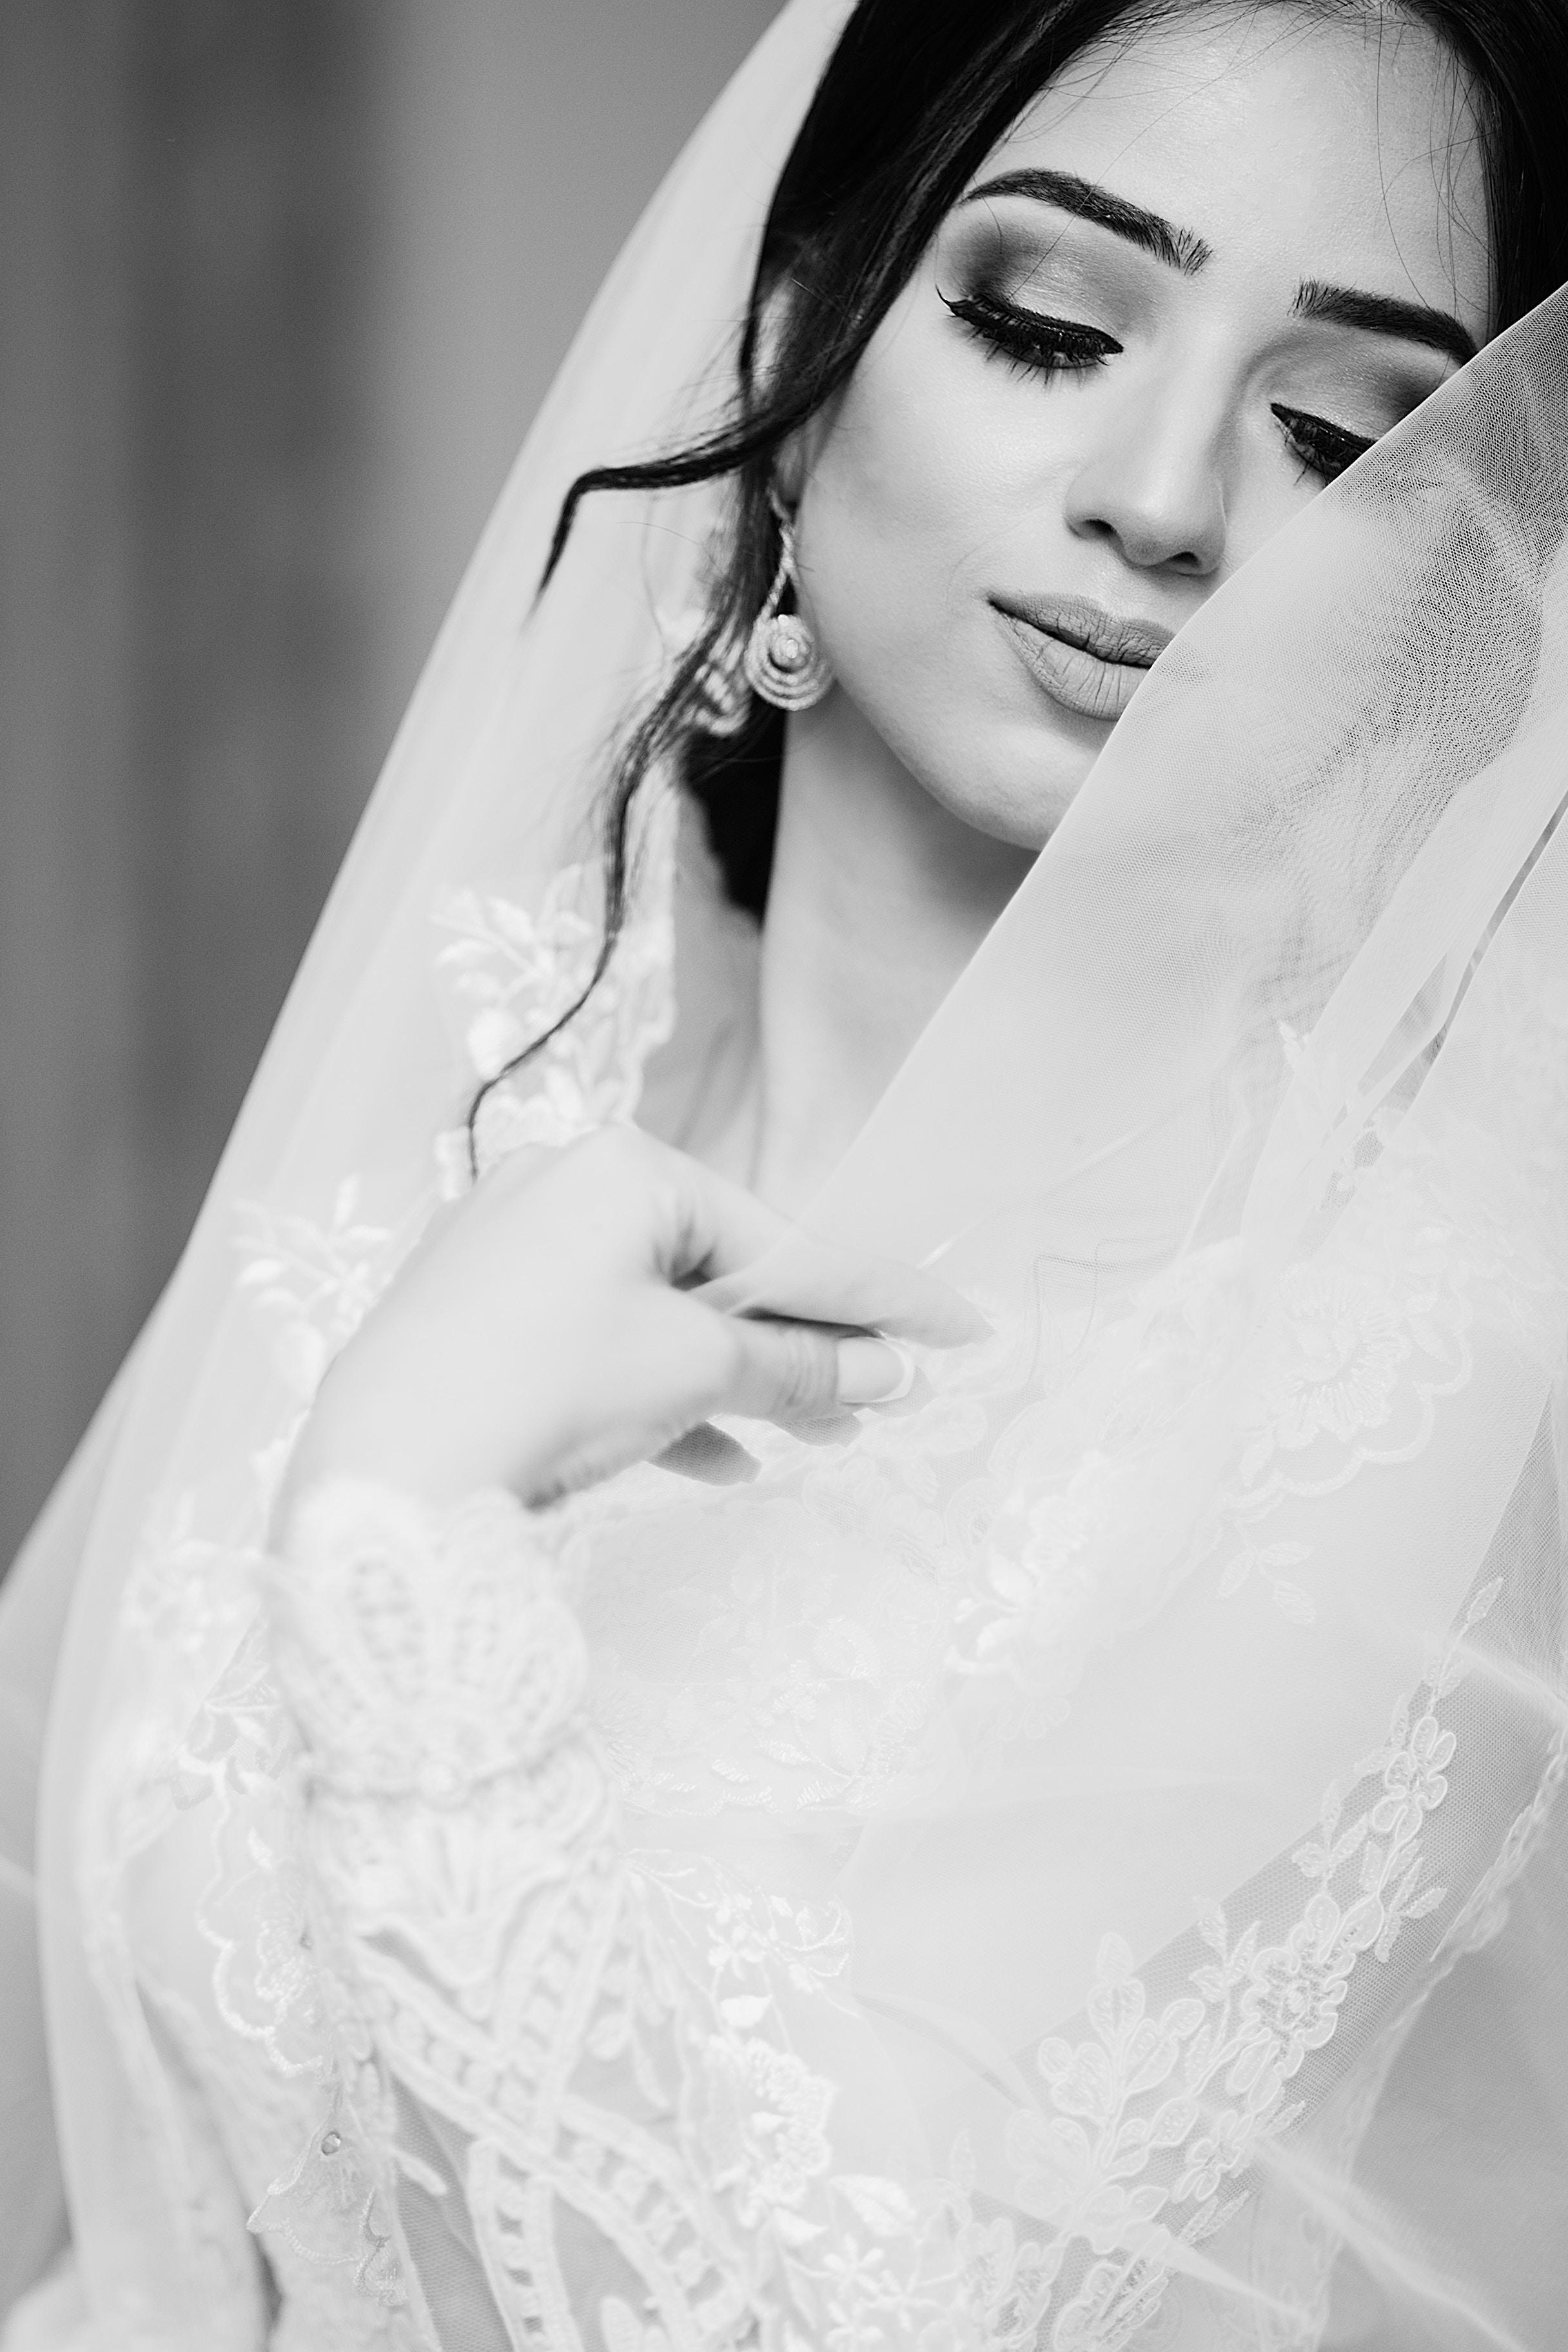 e992eb0d8af1 Per la scelta dei gioielli sposa è opportuno valutare la forma del viso